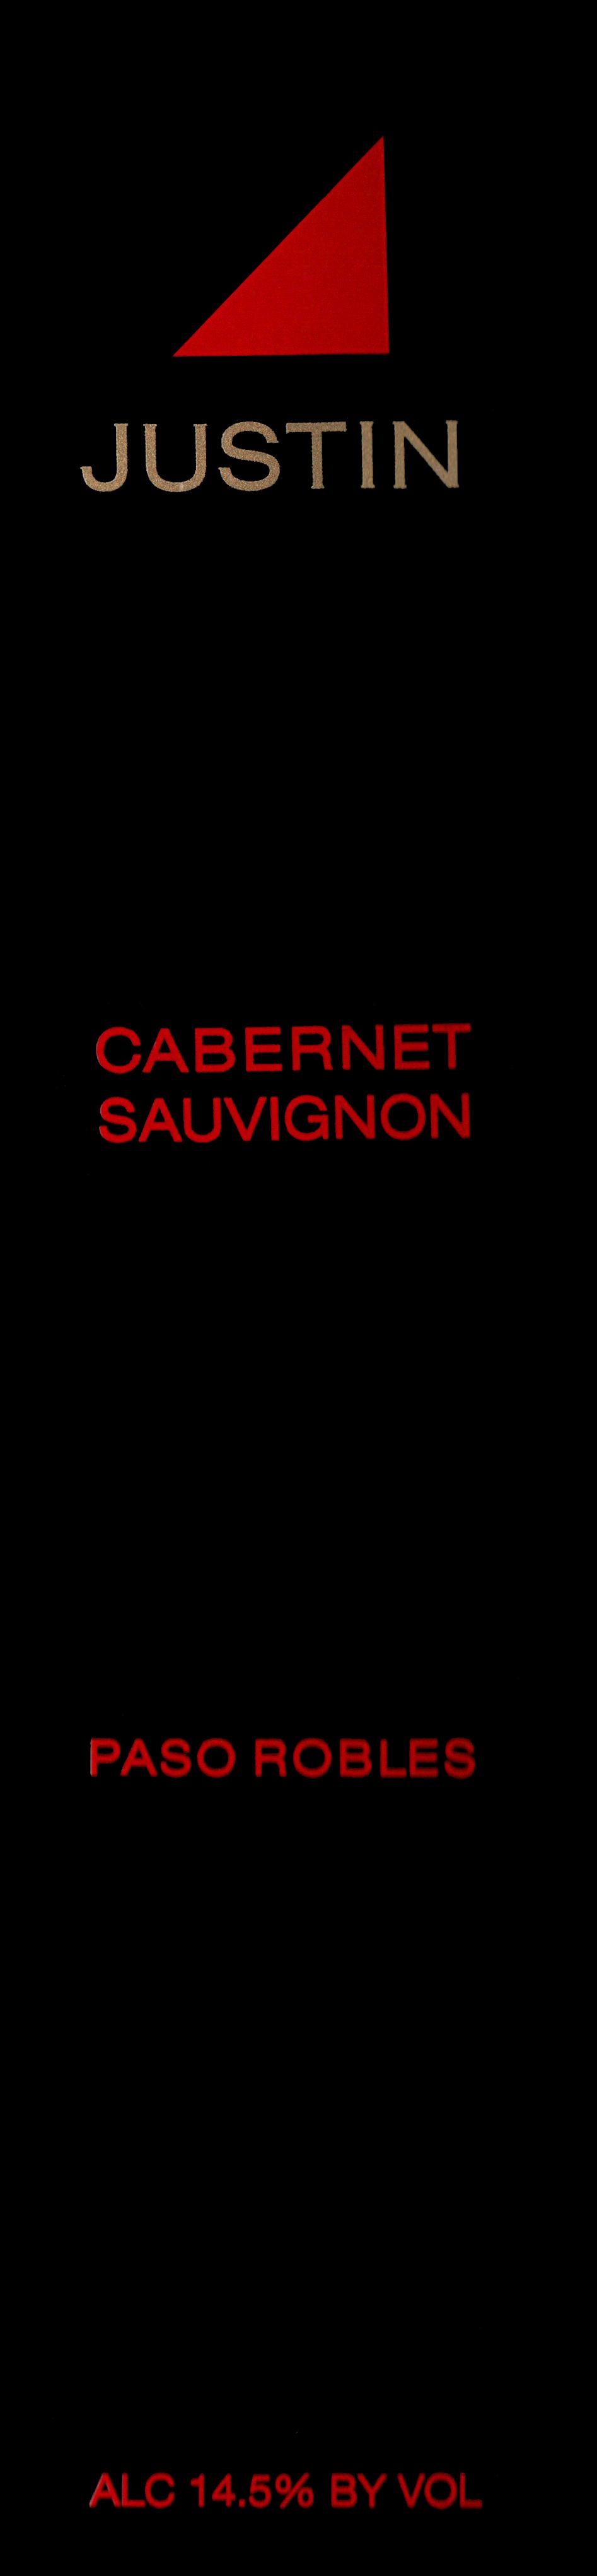 Justin Cabernet Sauvignon 2017